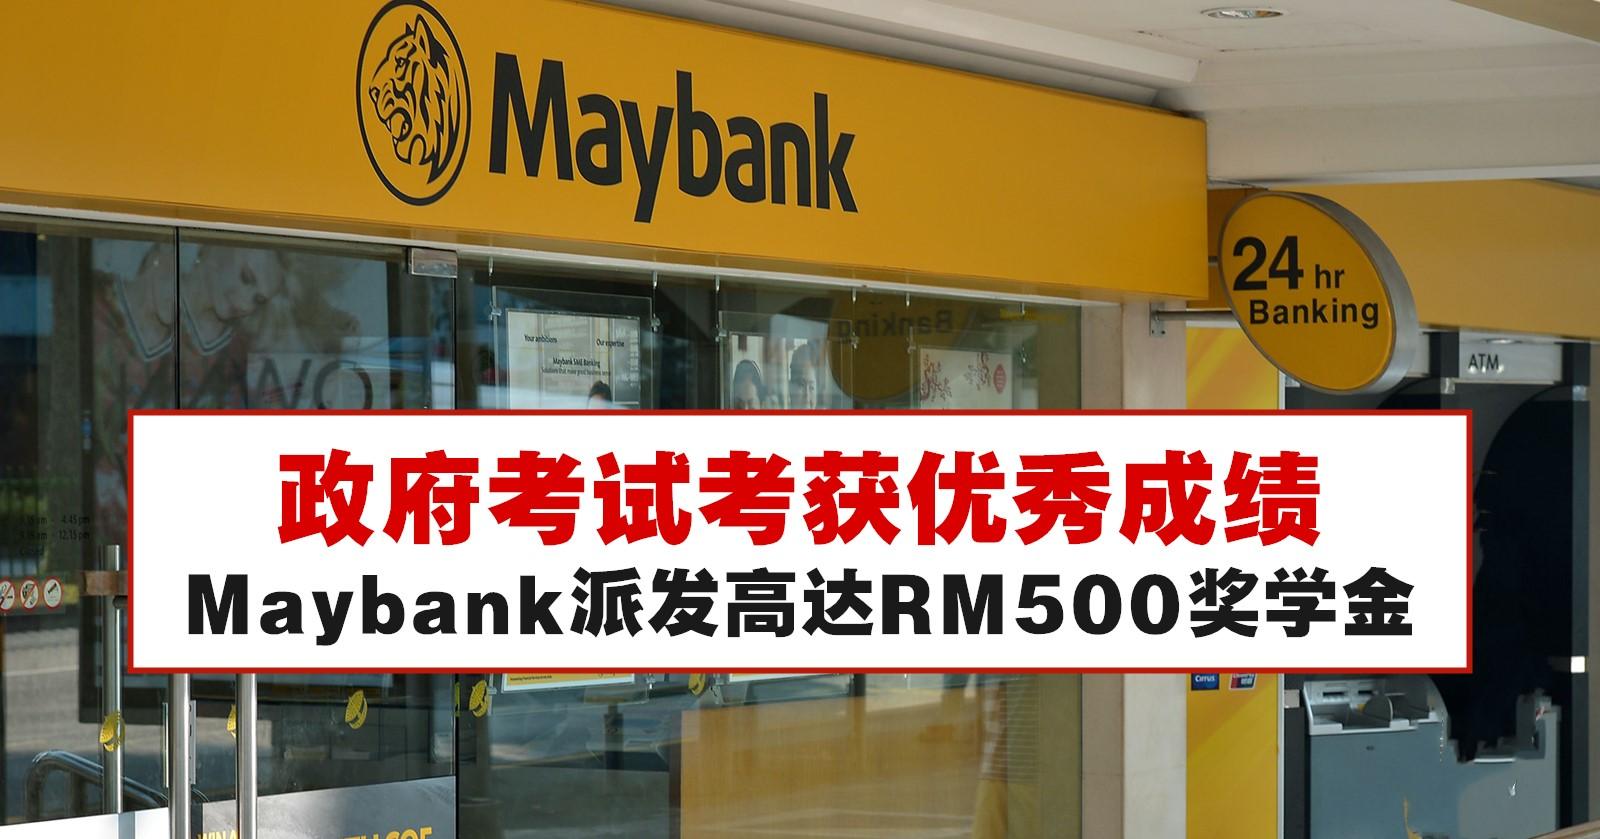 政府考试考获优秀成绩,Maybank派发高达RM500奖学金